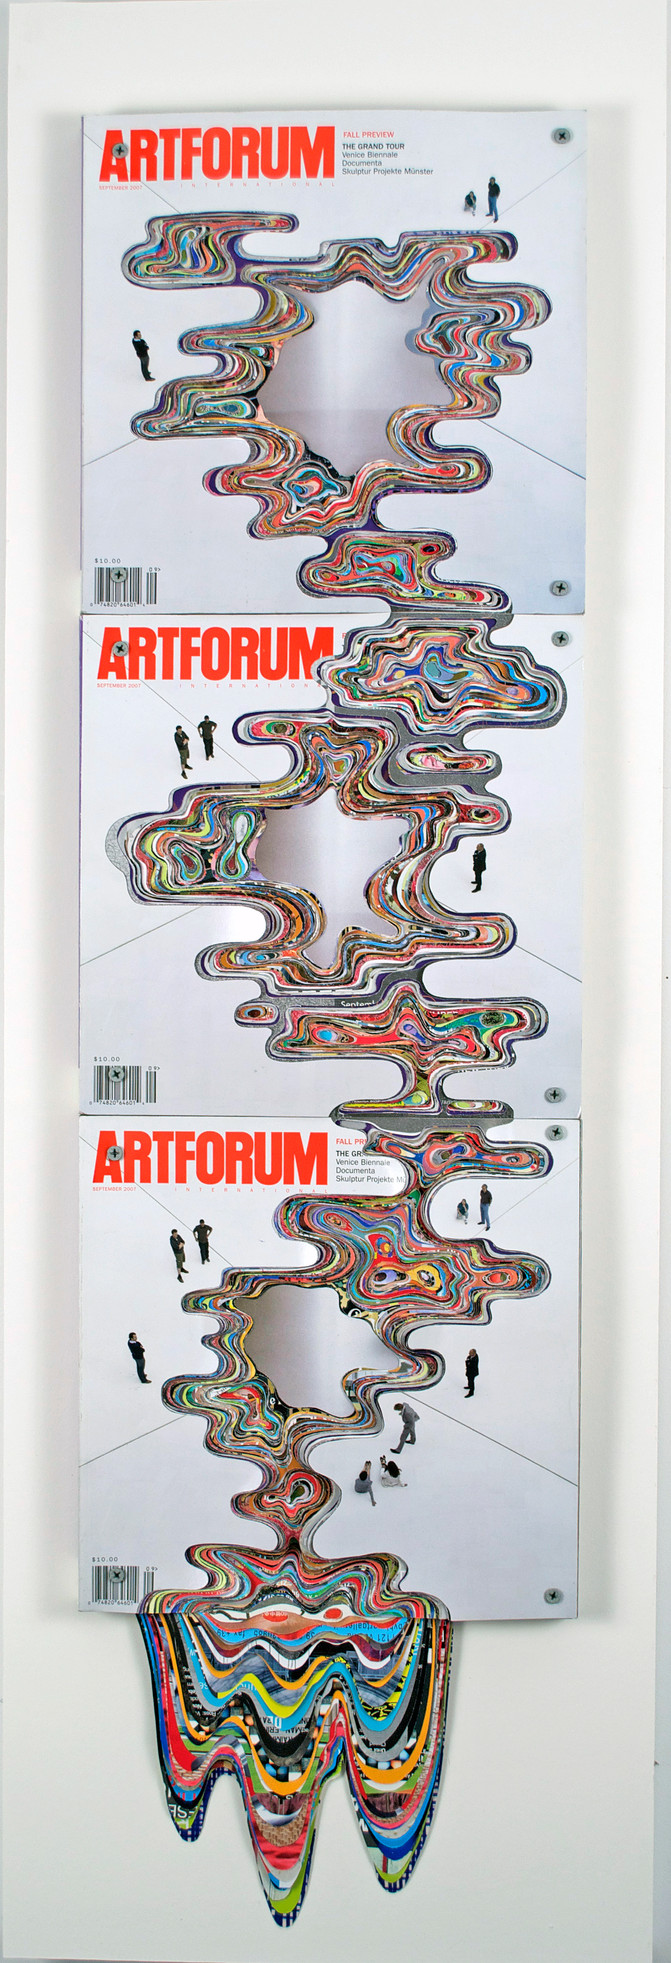 ArtForum #35, Unsolicited Collaboration with Bruce Naumann